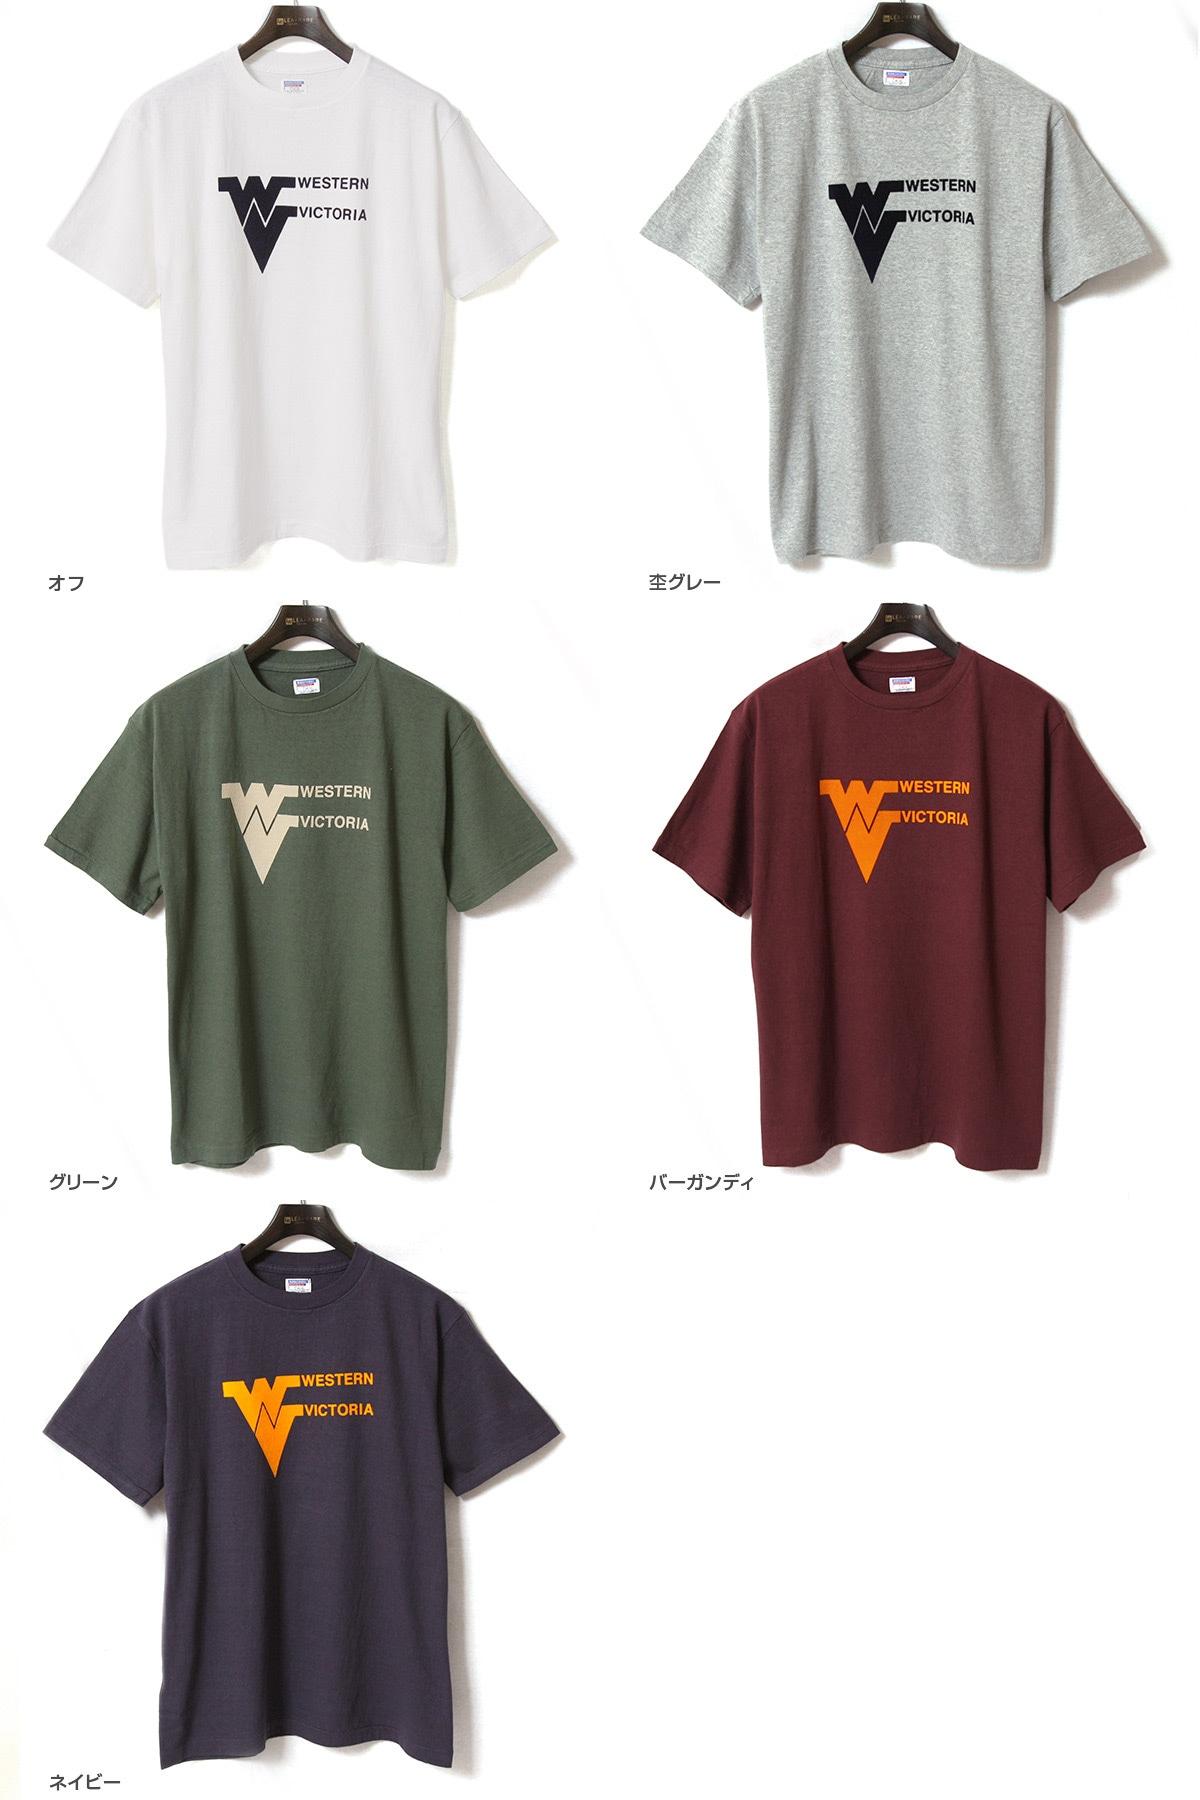 ダブルワークス DUBBLEWORKS 33005 プリントTシャツ [WV]